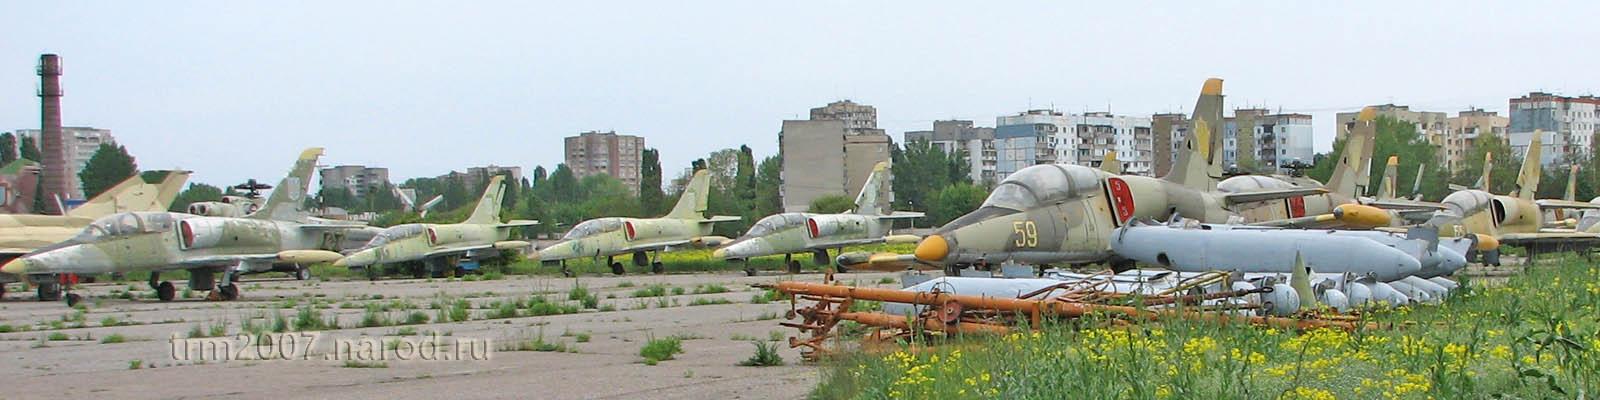 Л-39 аэродром Школьный, Одесса